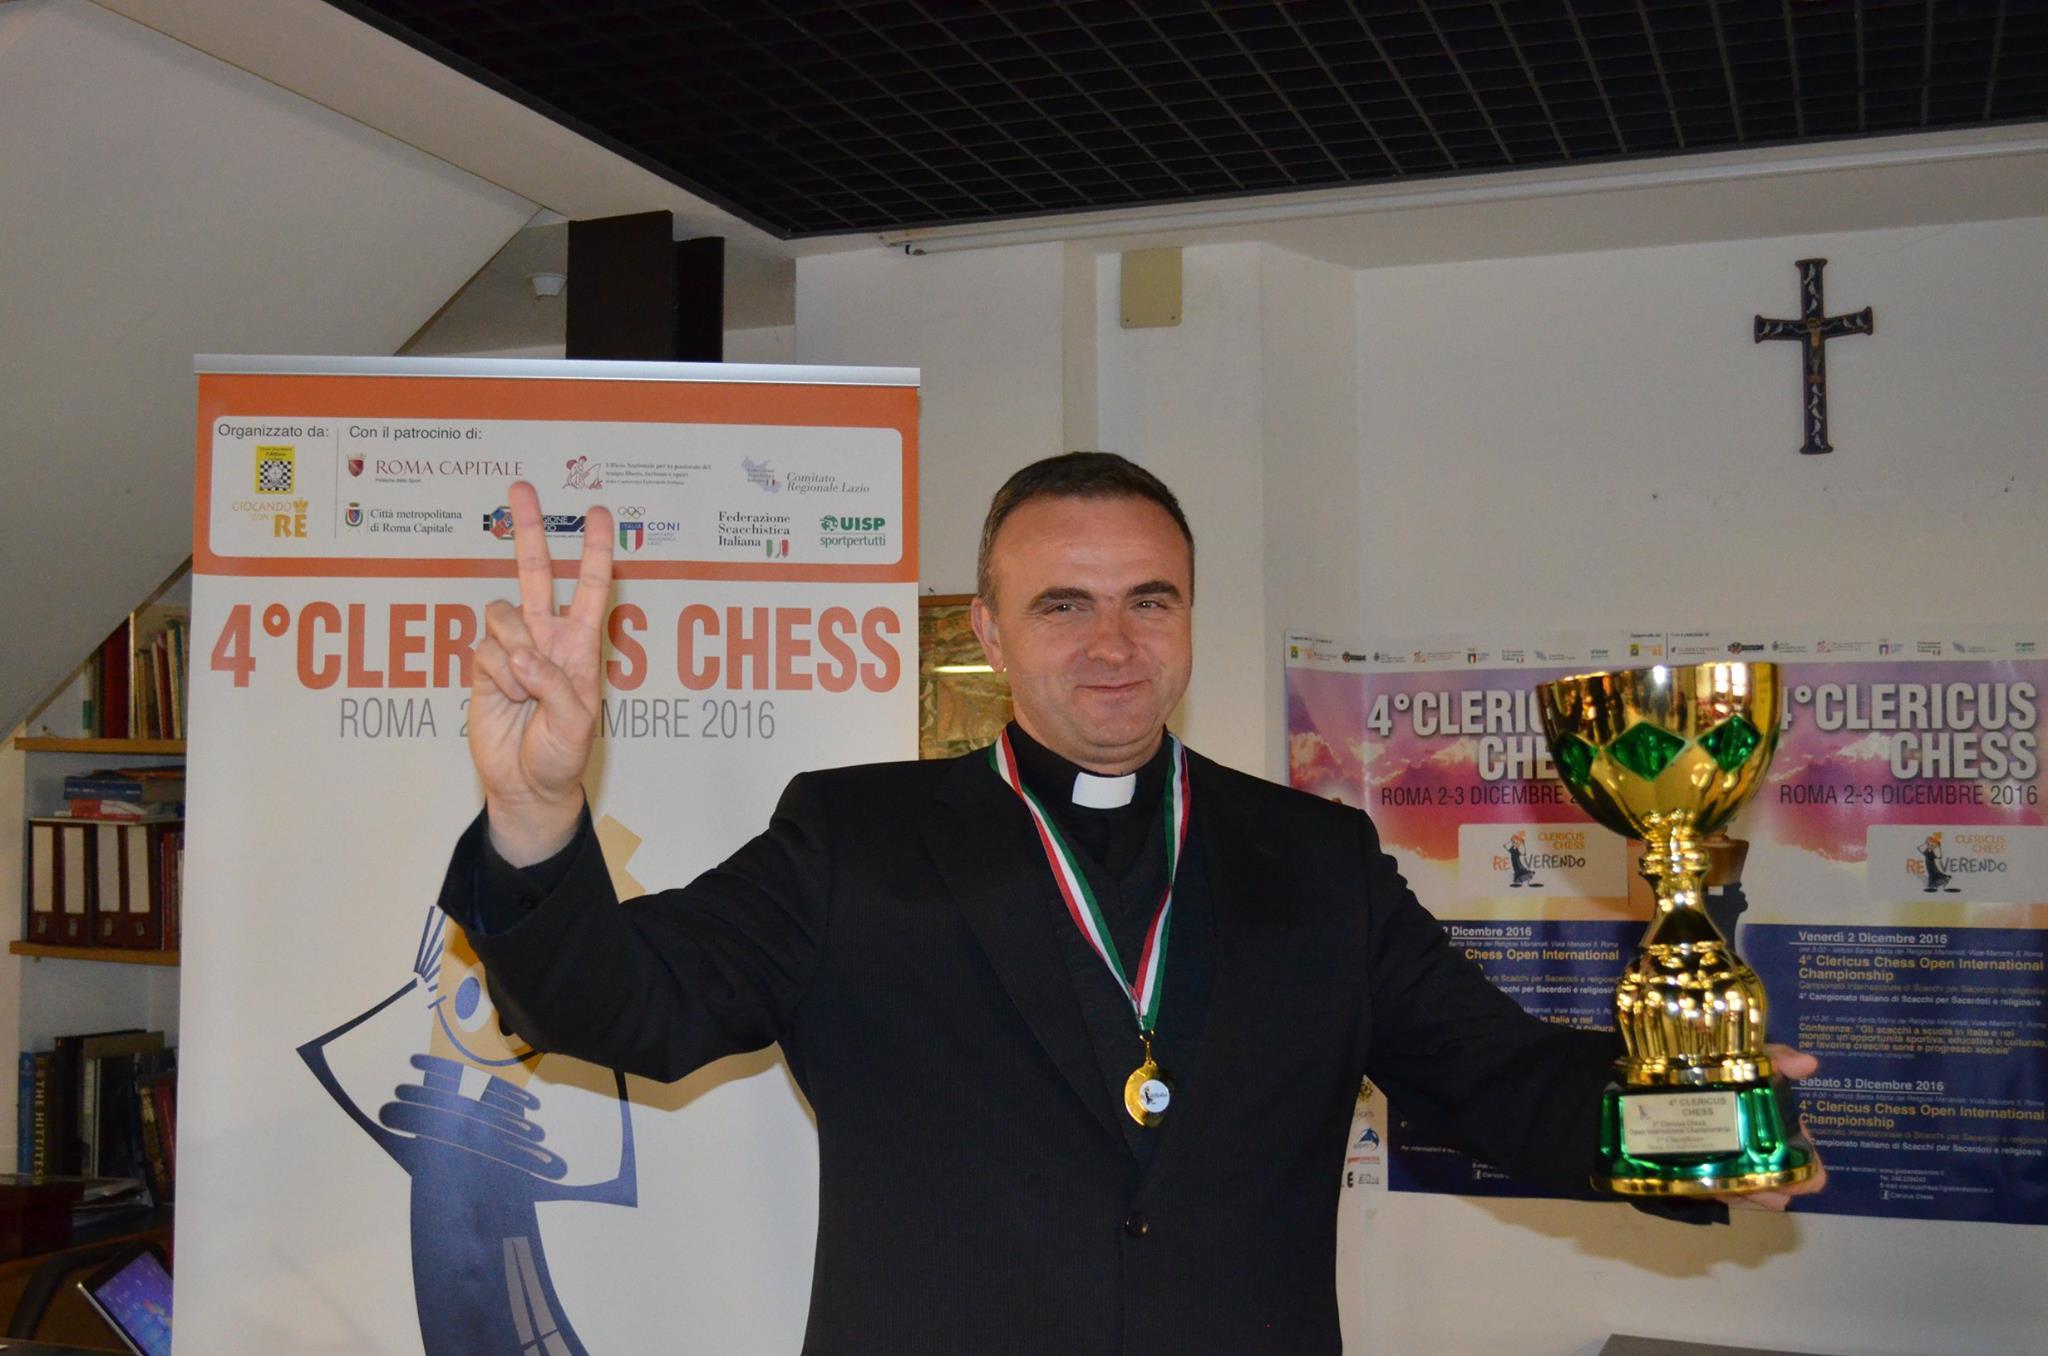 Vincitore clericus chess